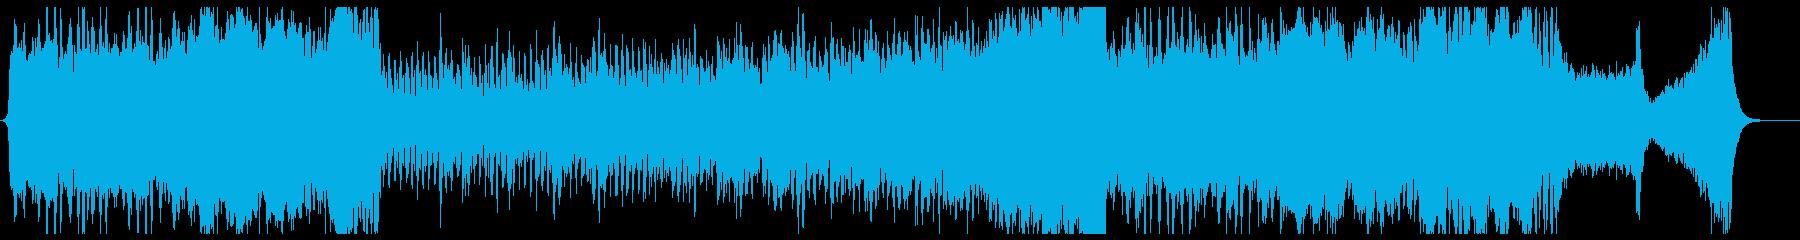 華やかなファンファーレのオーケストラの再生済みの波形